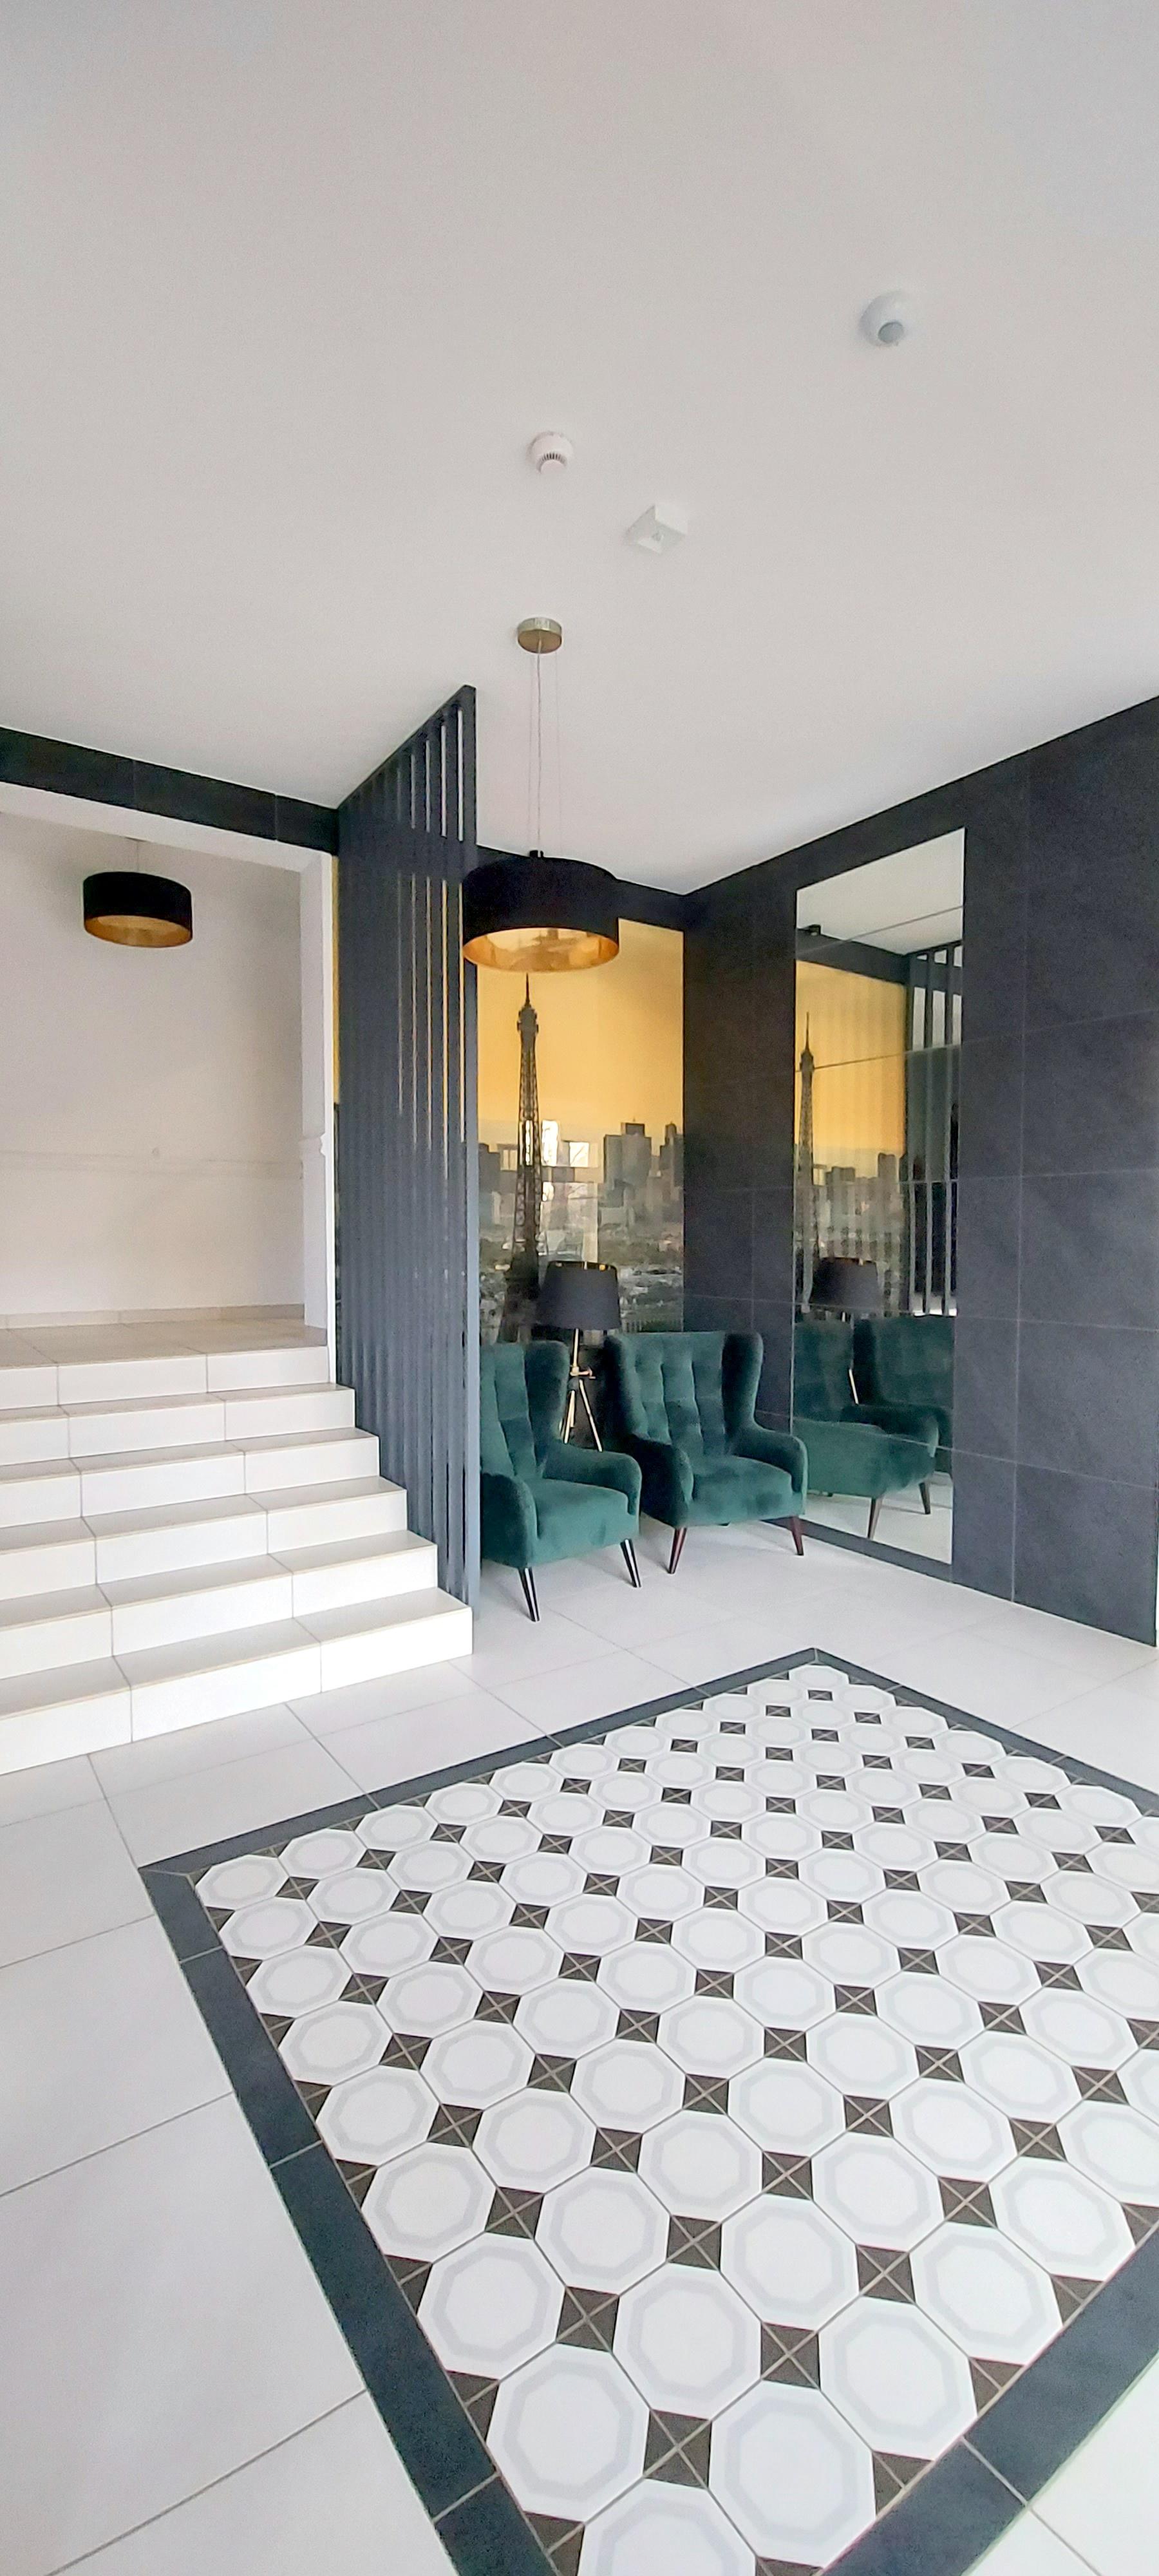 2 pokoje na osiedlu paryskim